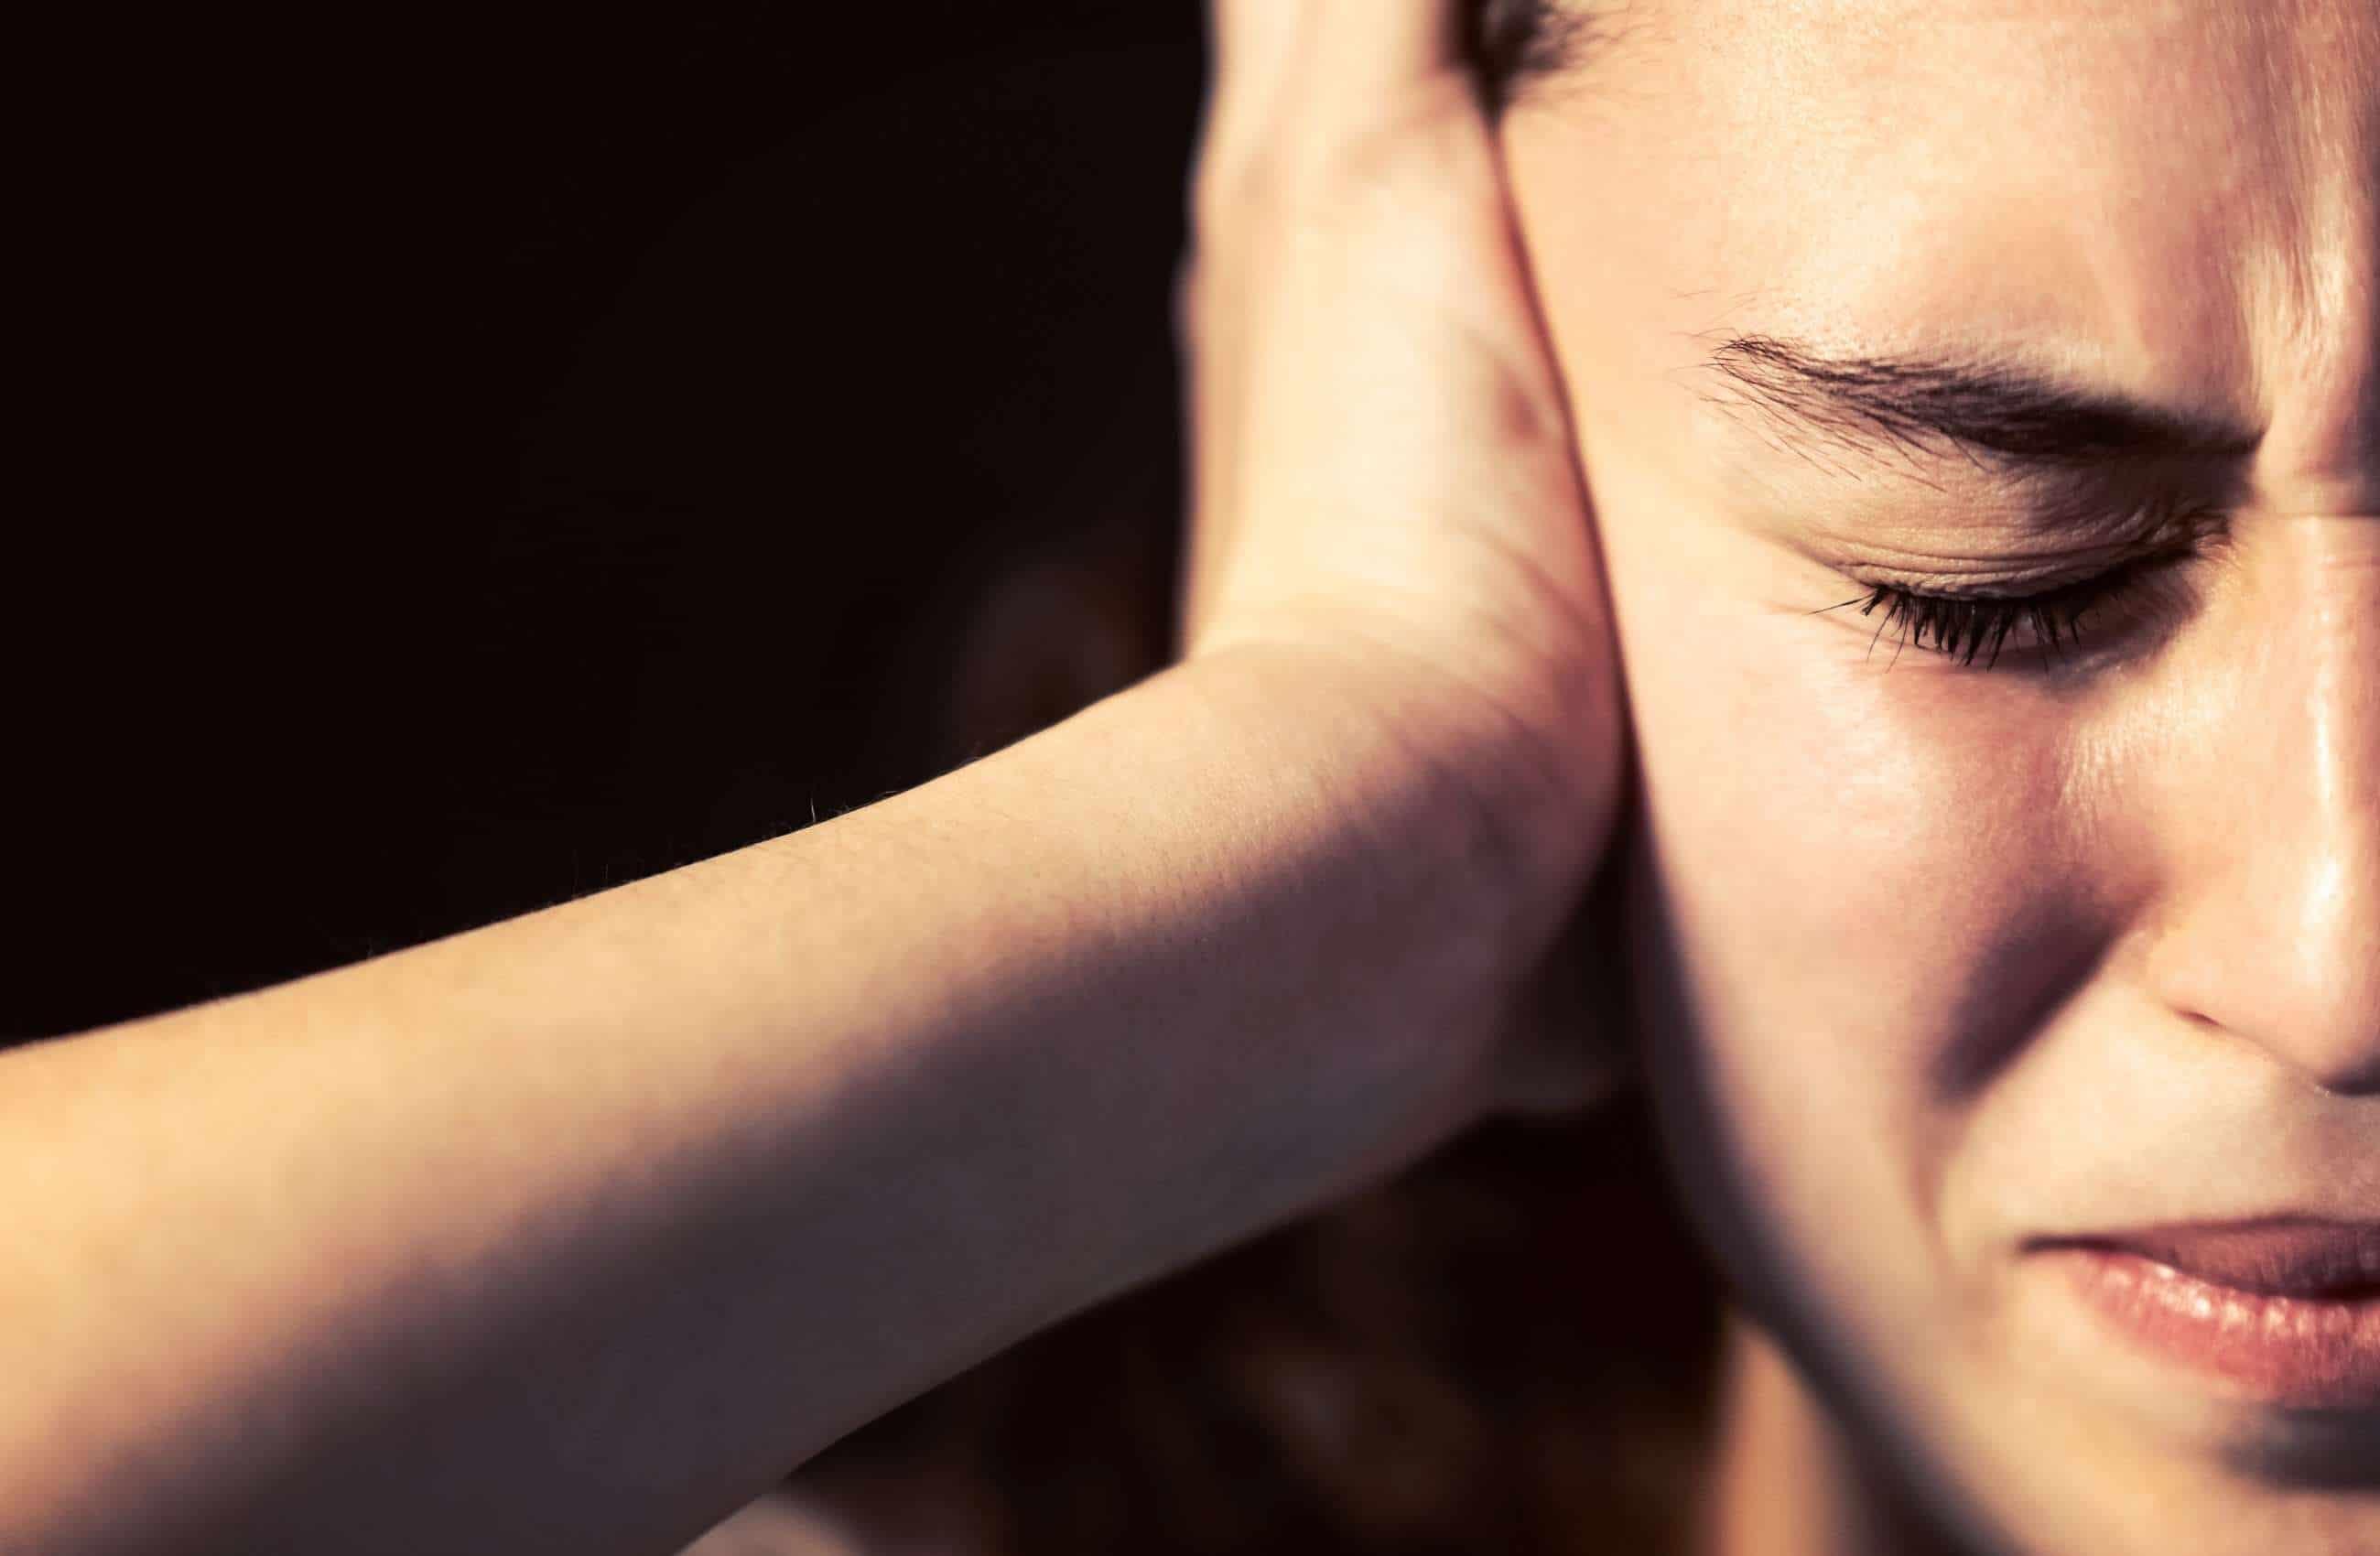 W przypadku schizofrenii ważne jest wczesne rozpoczęcie leczenia